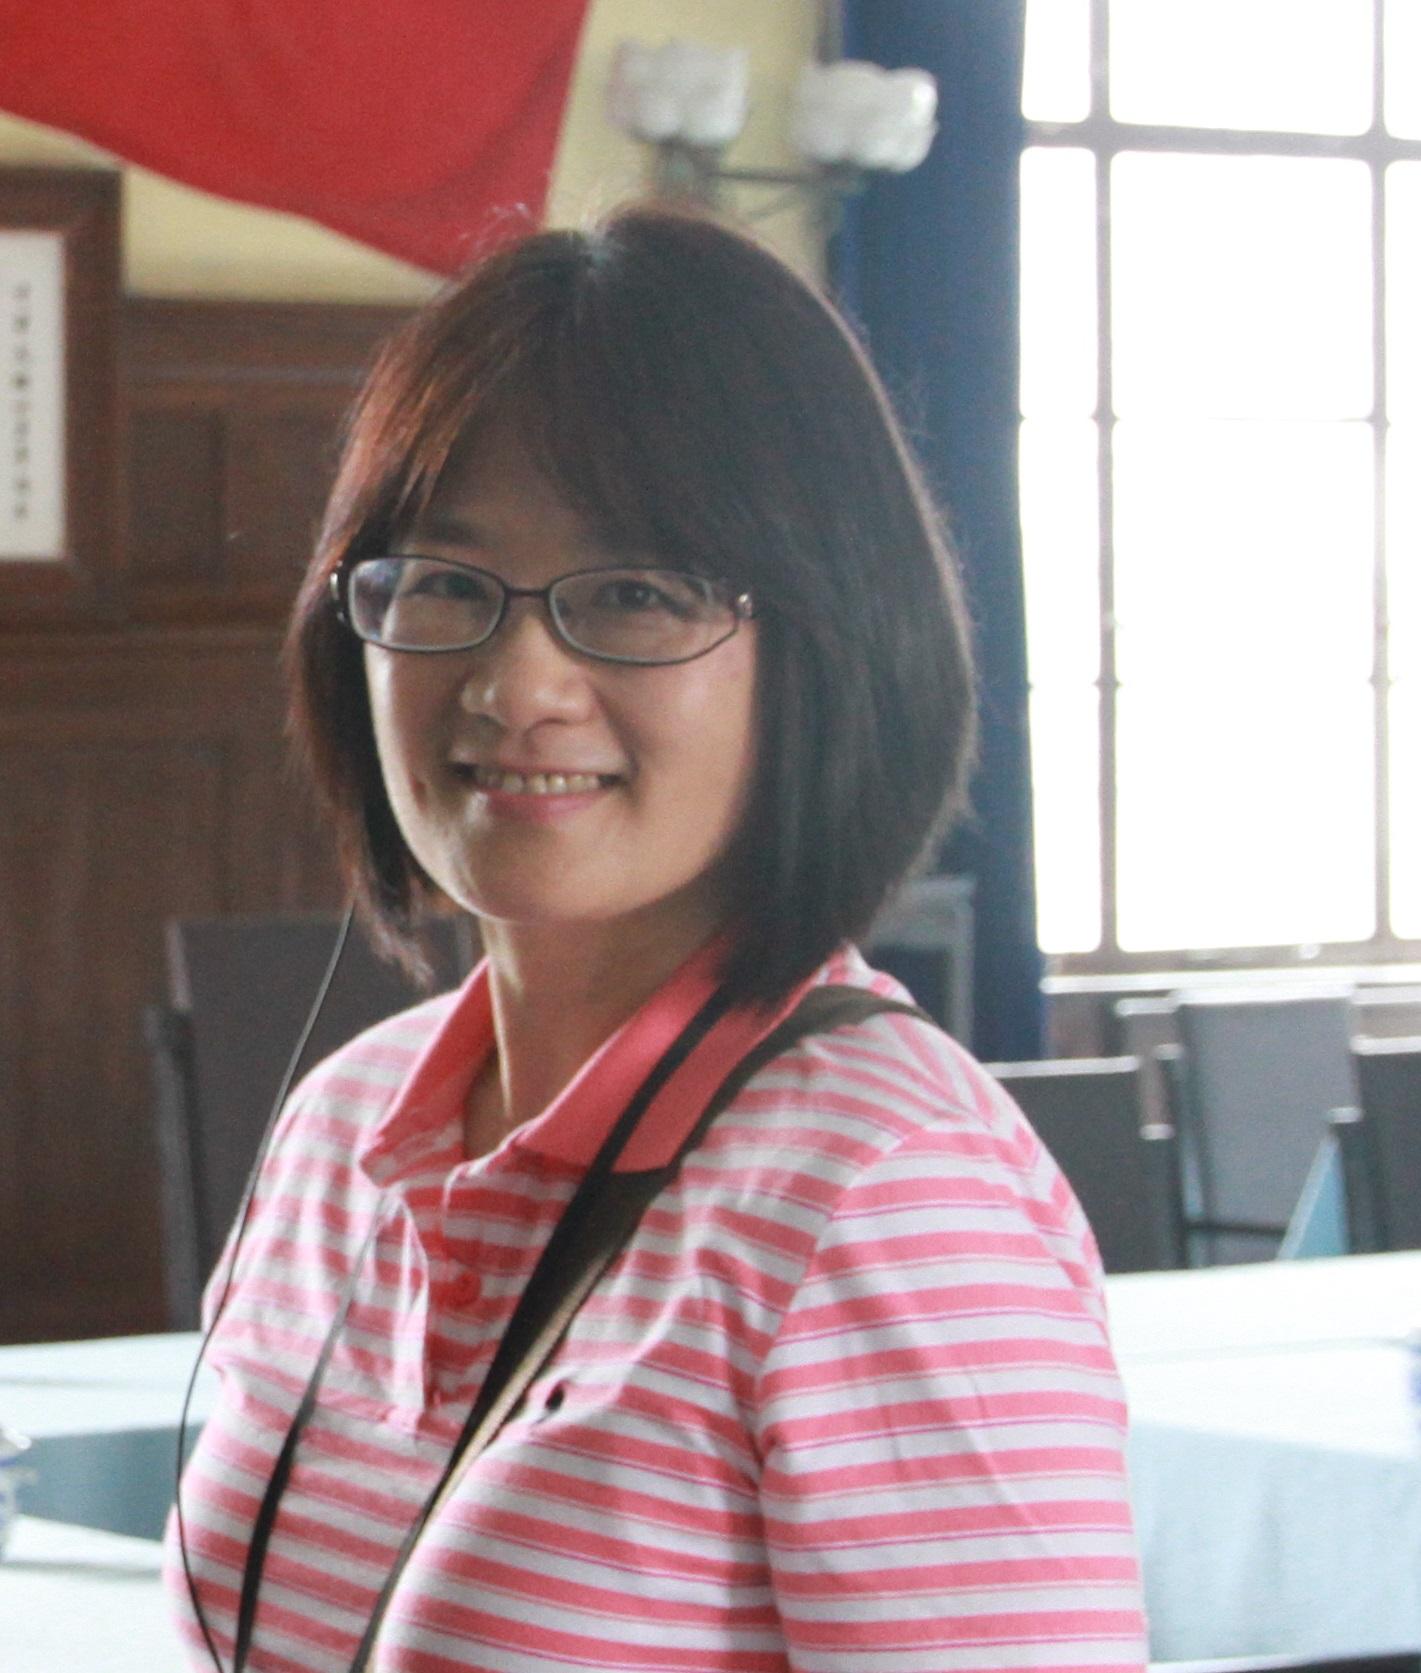 教師 「邱玟惠」老師照片